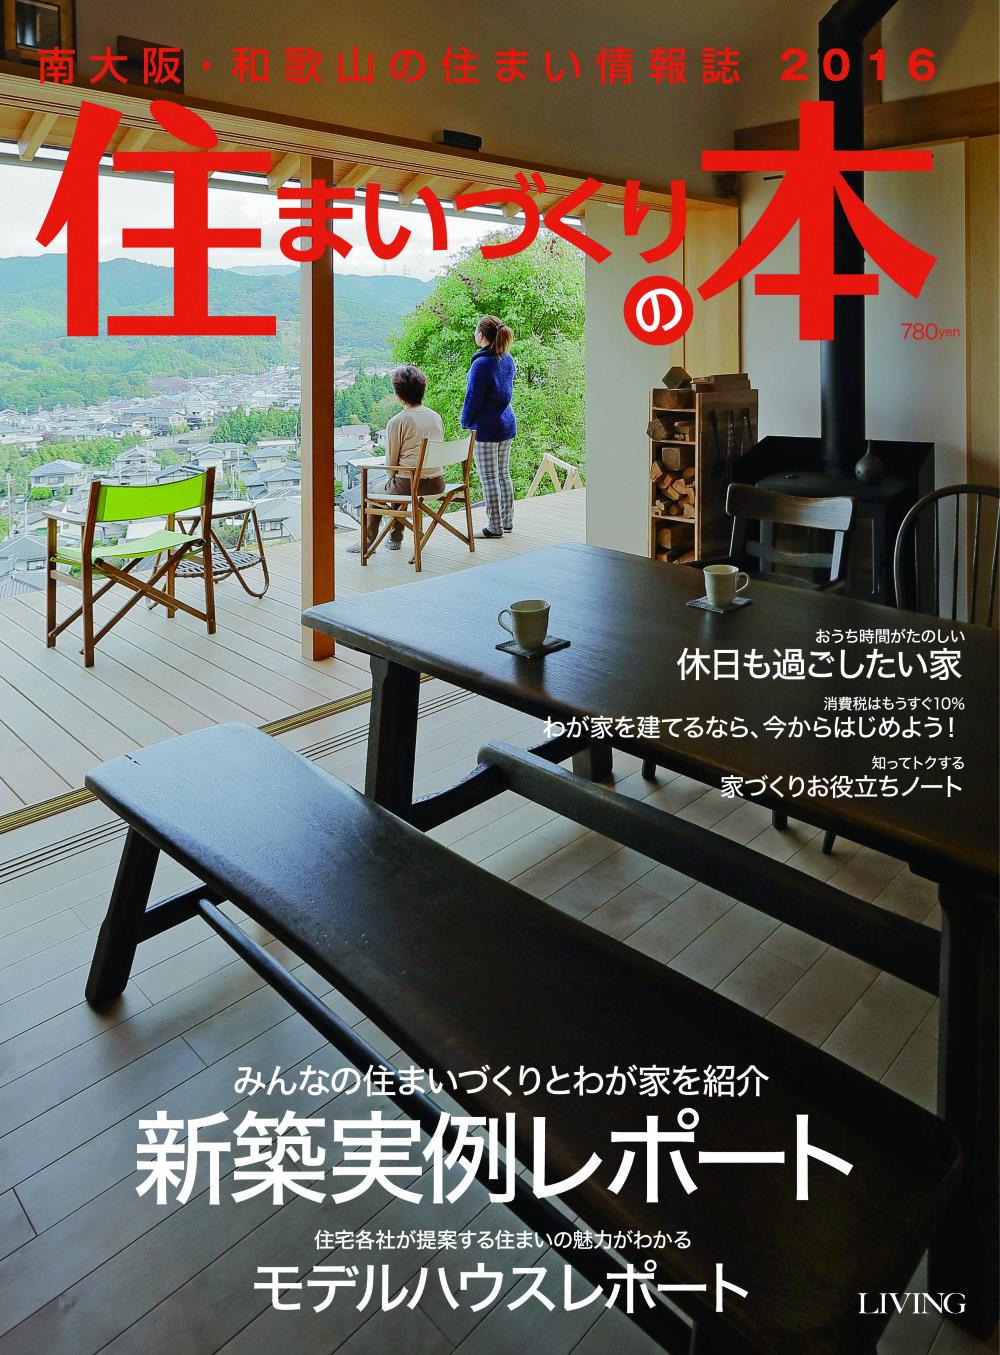 南大阪・和歌山の住まい情報誌 住まいづくりの本 表紙